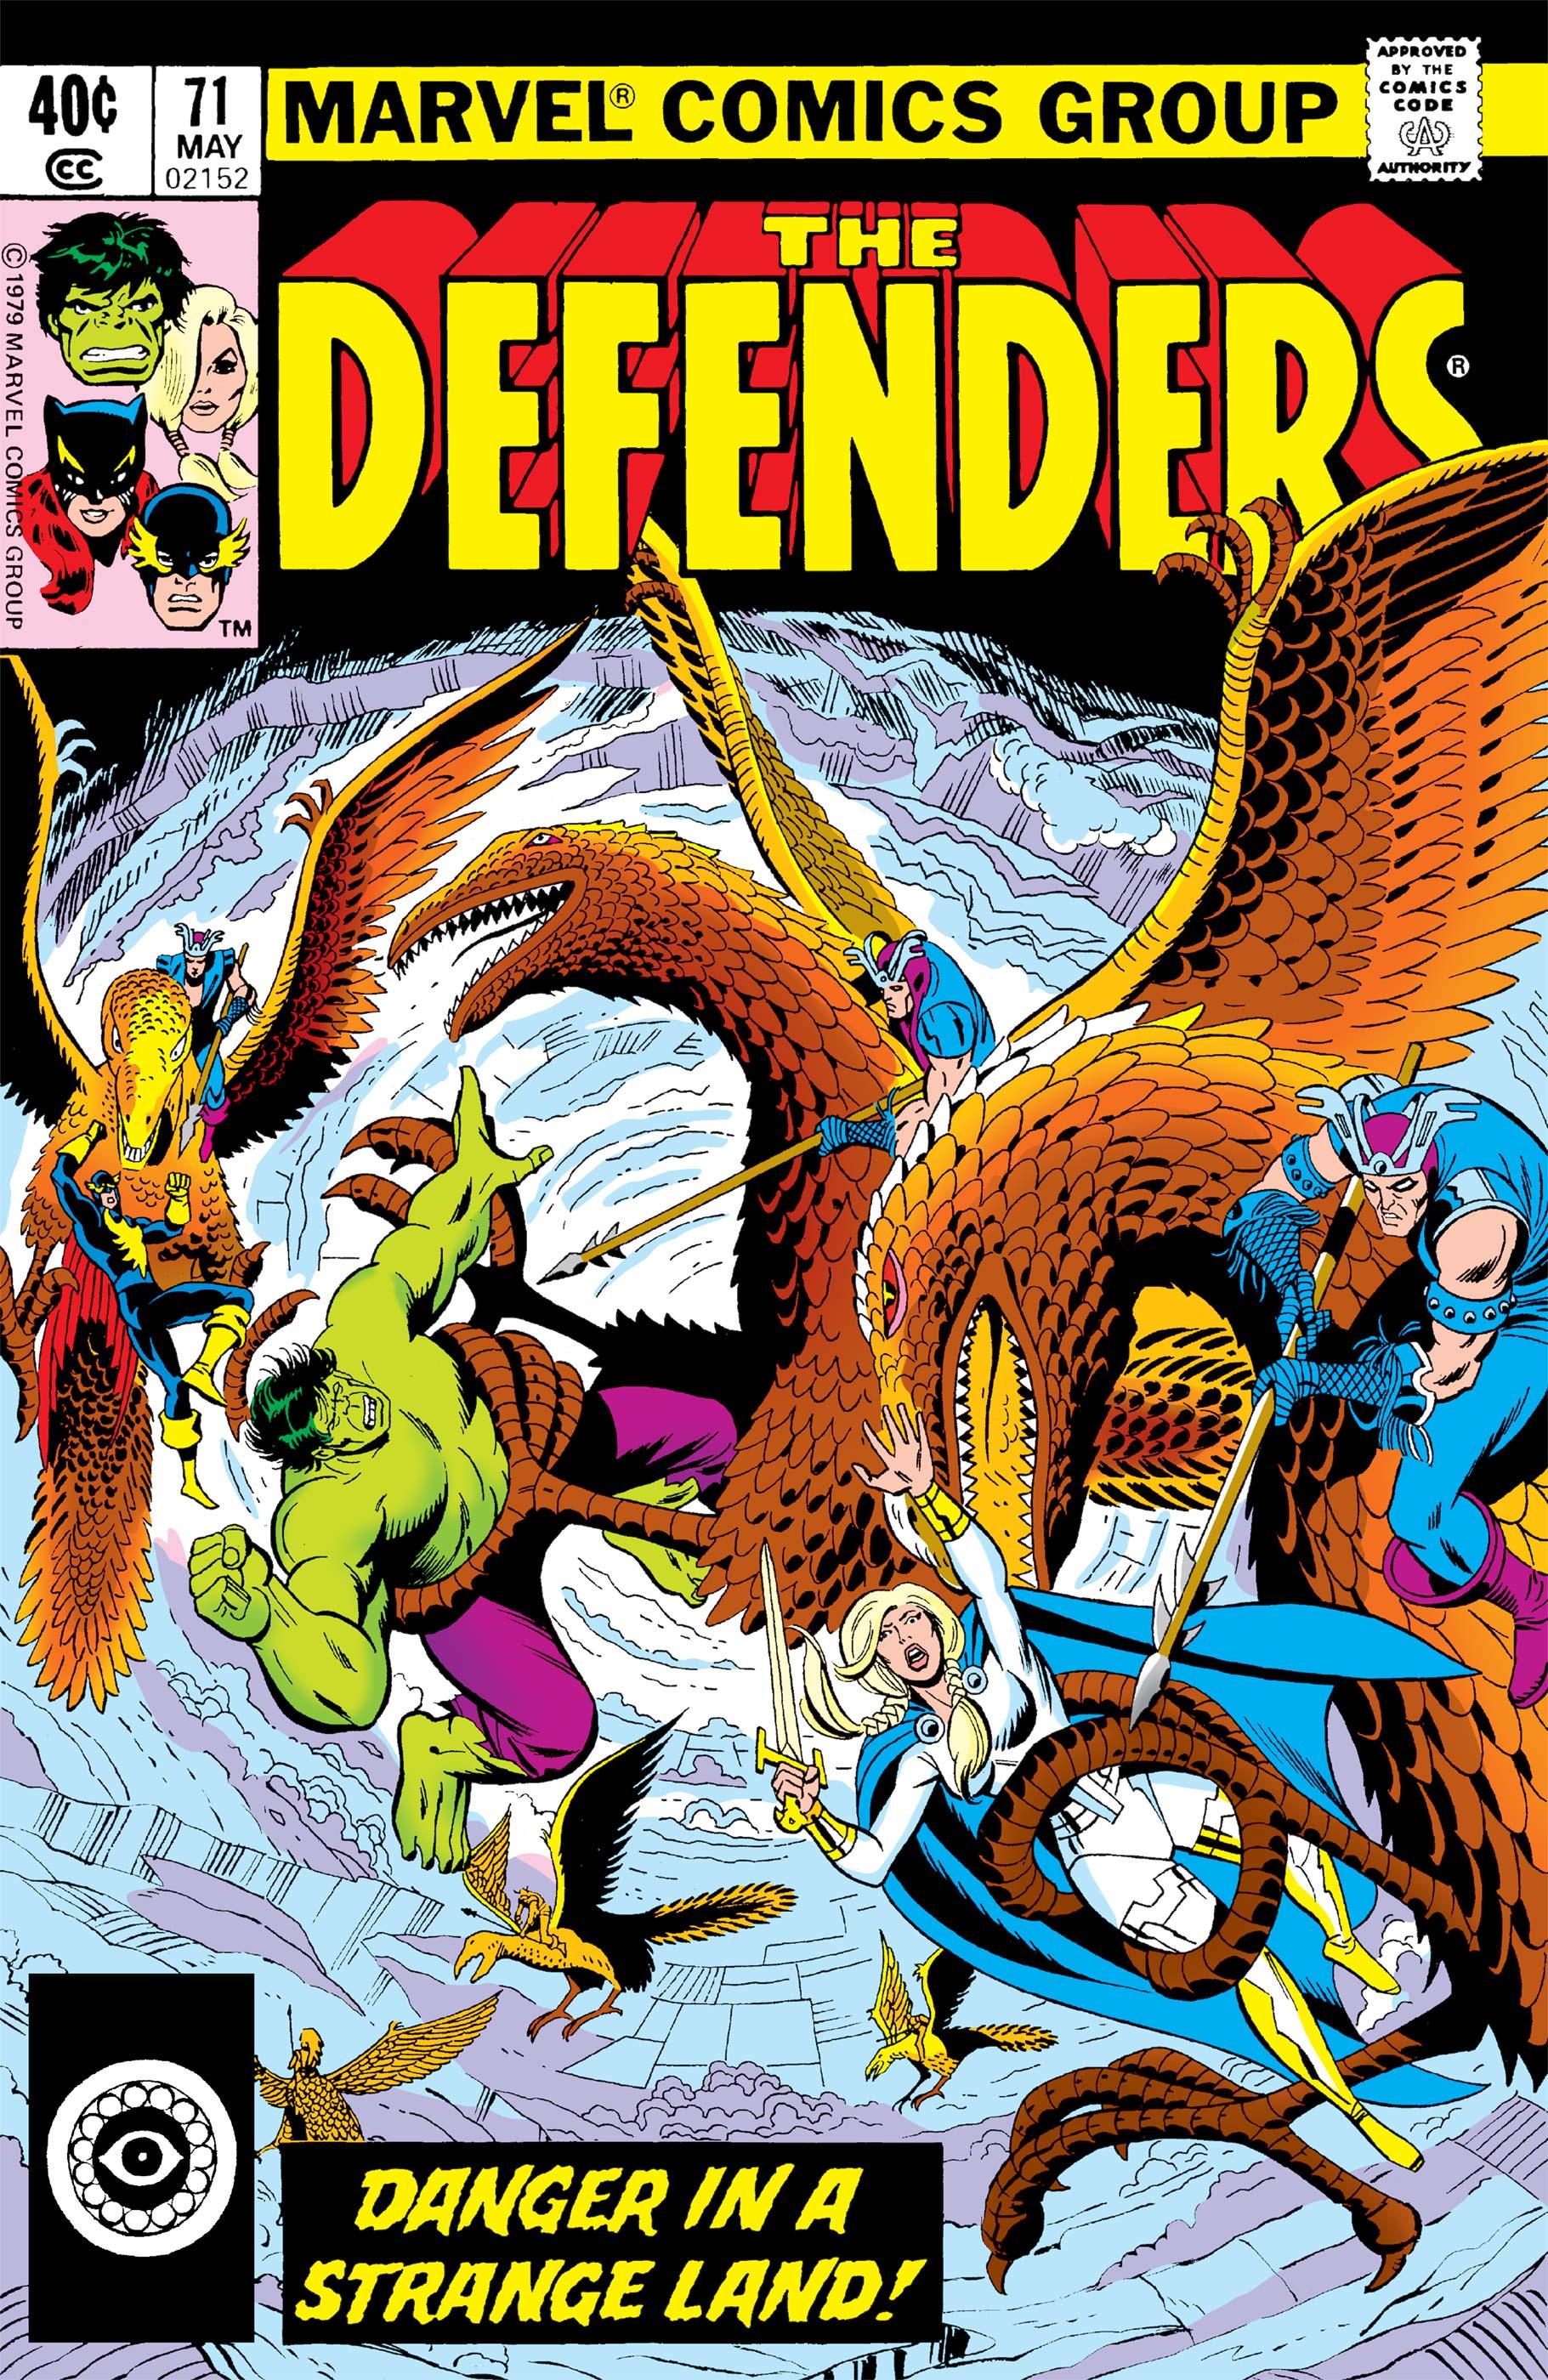 Defenders (1972) #71